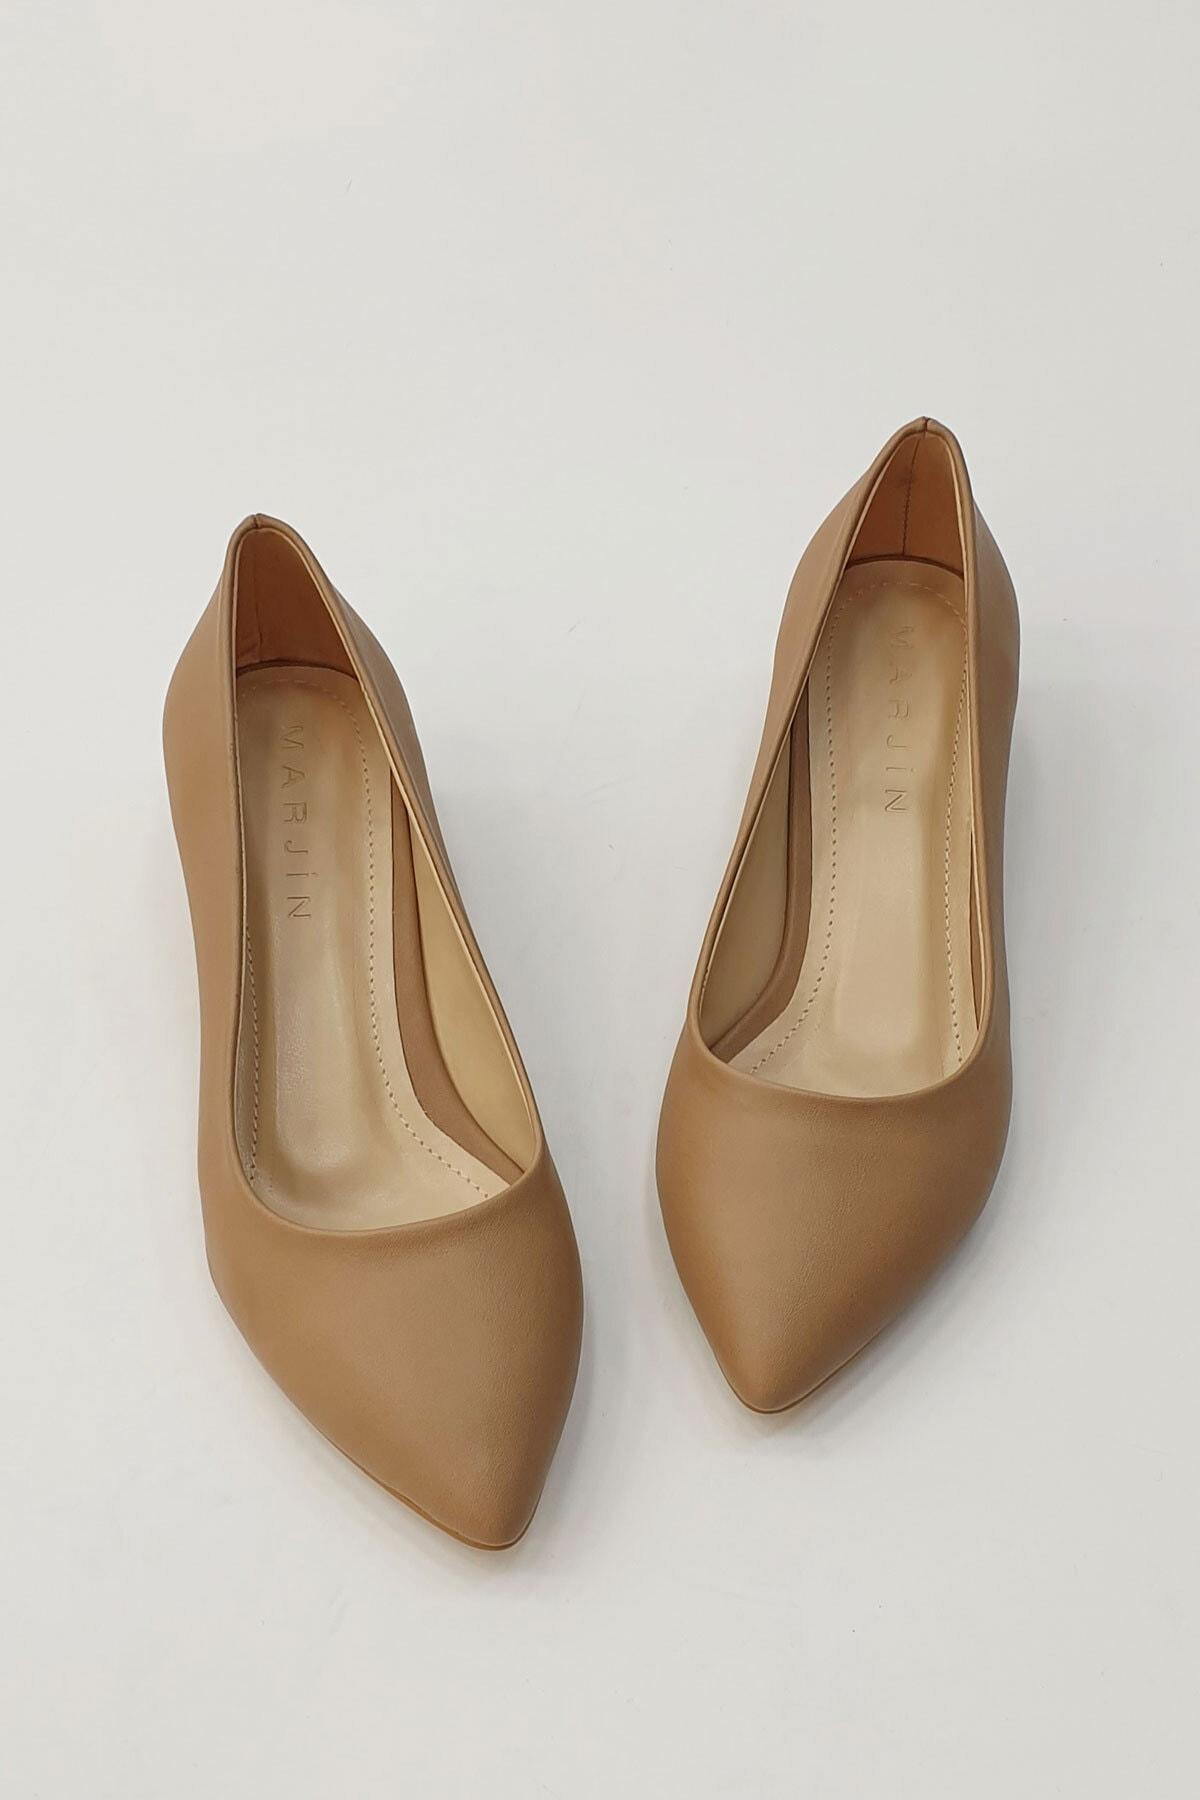 Marjin Kadın Apunte Klasik Topuklu AyakkabıVizon 1